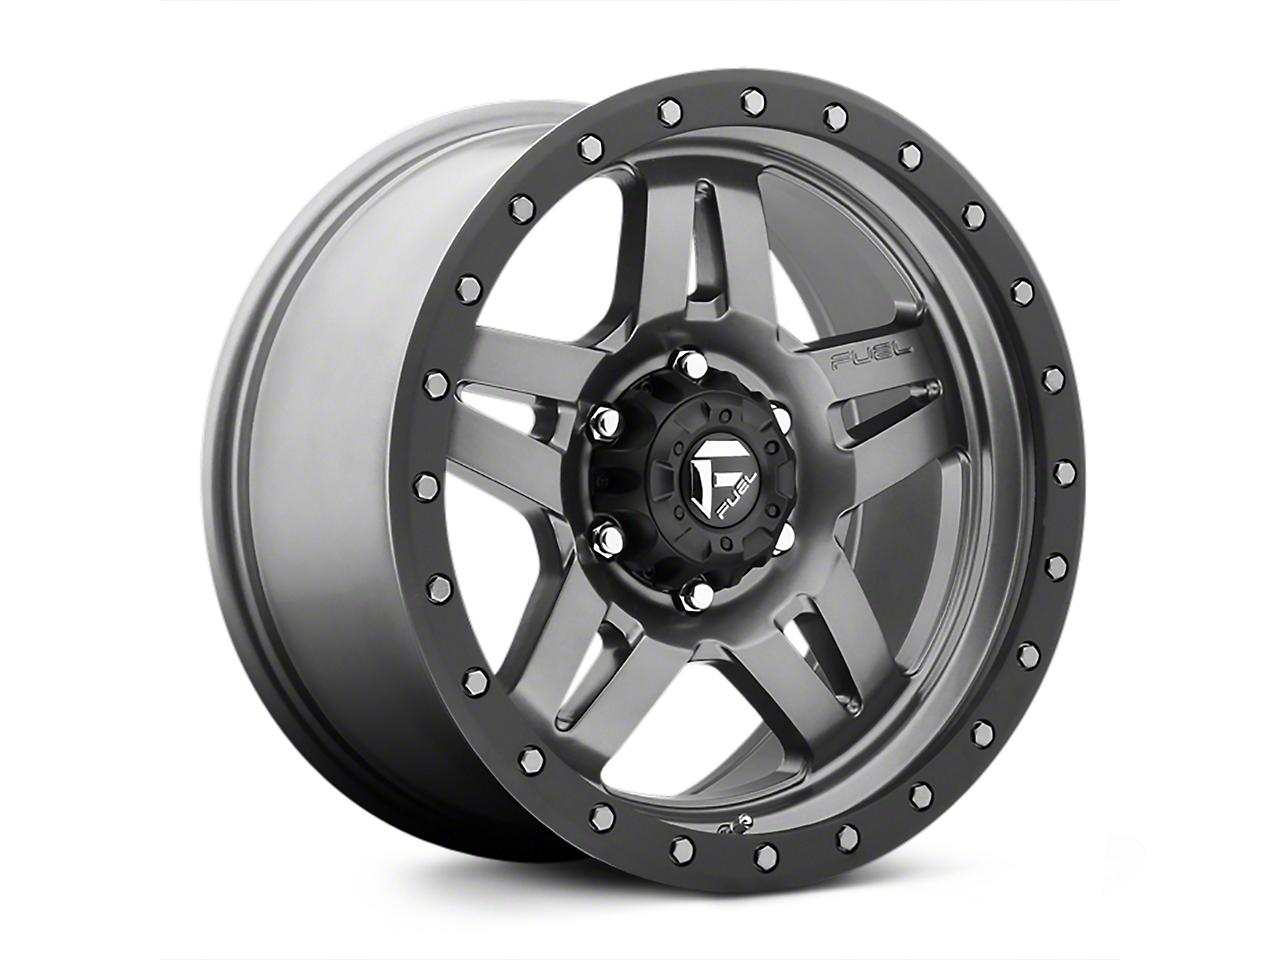 Fuel Wheels ANZA Matte GunMetal Wheels (07-18 Wrangler JK; 2018 Wrangler JL)